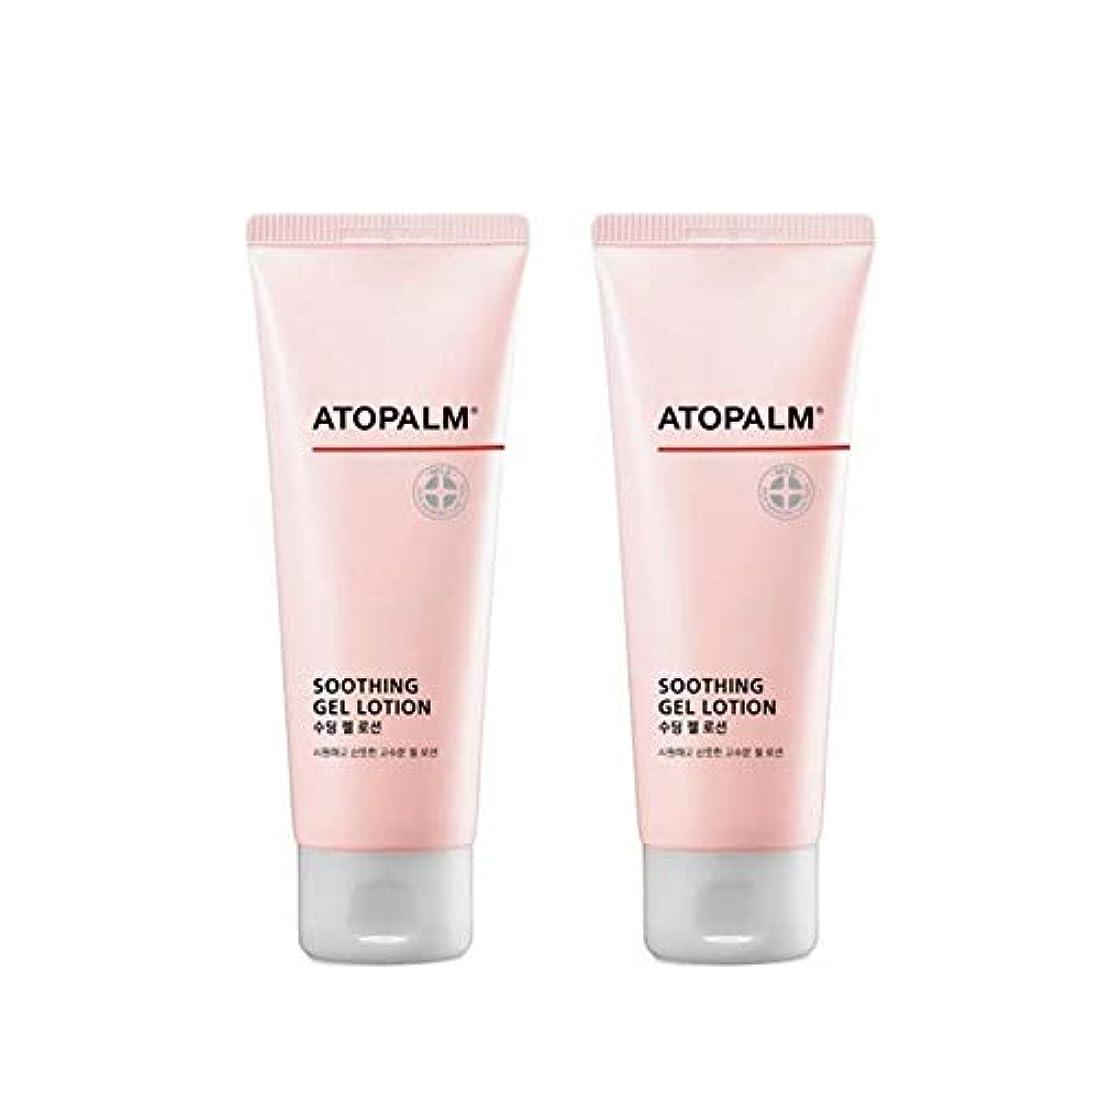 アトパムスディンジェルローション120mlx2本セットベビーローション韓国コスメ、Atopalm Soothing Gel Lotion 120ml x 2ea Set Baby Lotion Korean Cosmetics...